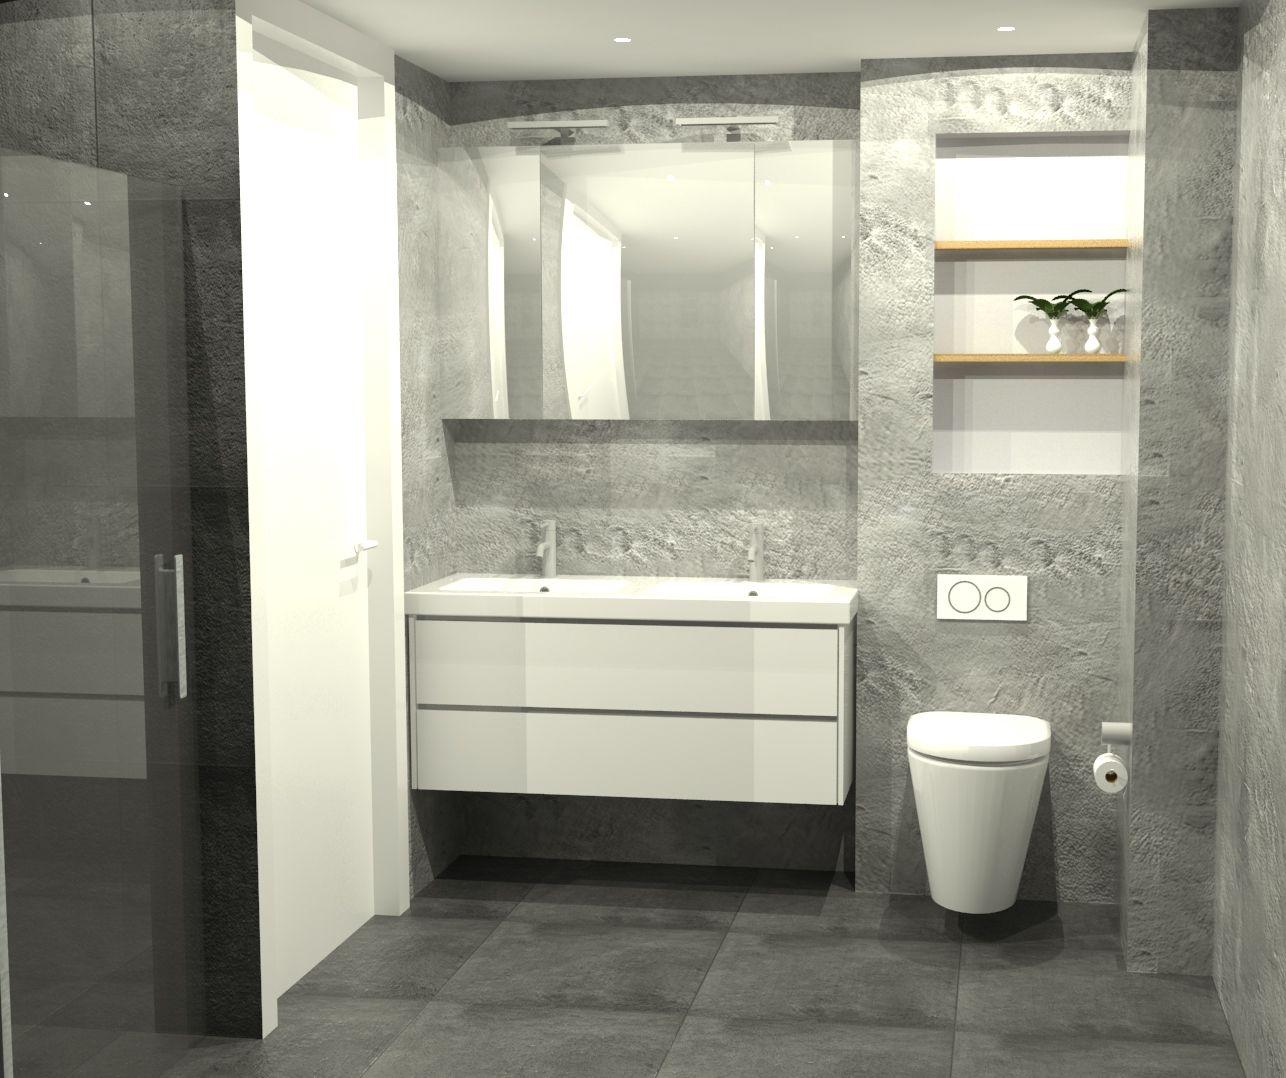 Badkamer 3D impressie - behoud de vrijheid van leverancier door ...